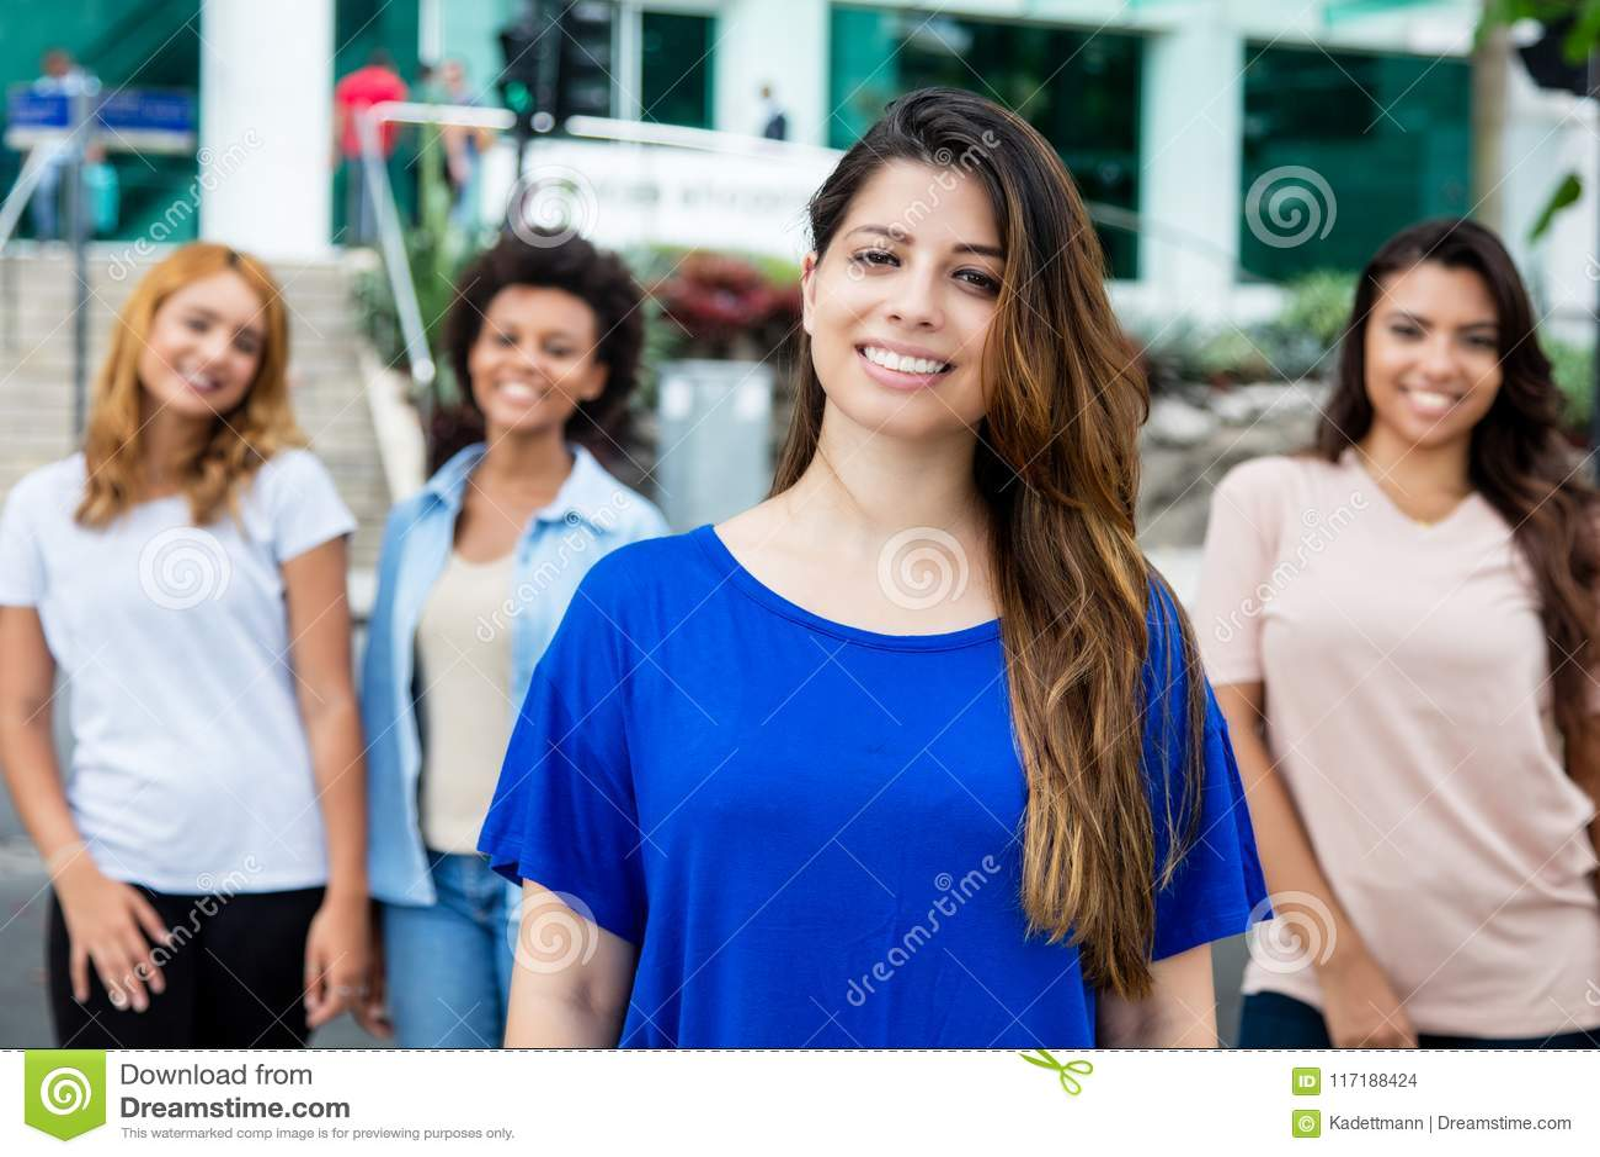 Mulher latino-americano com latino e meninas latino-americanos e africanas